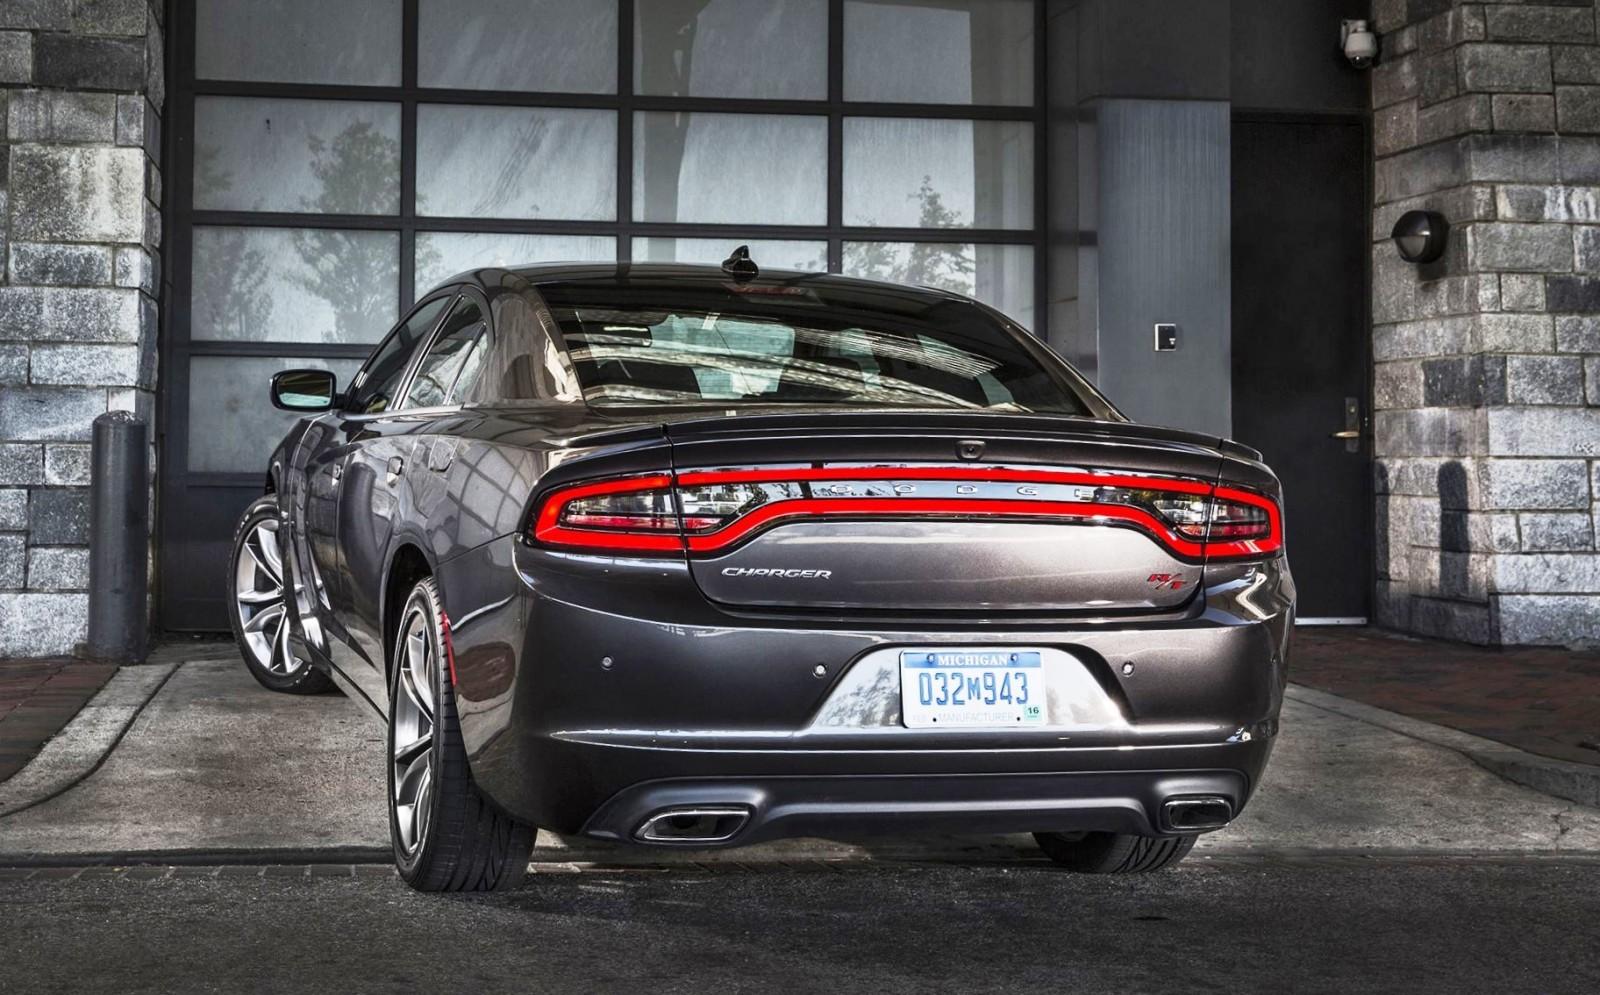 2016 Dodge Charger Pursuit